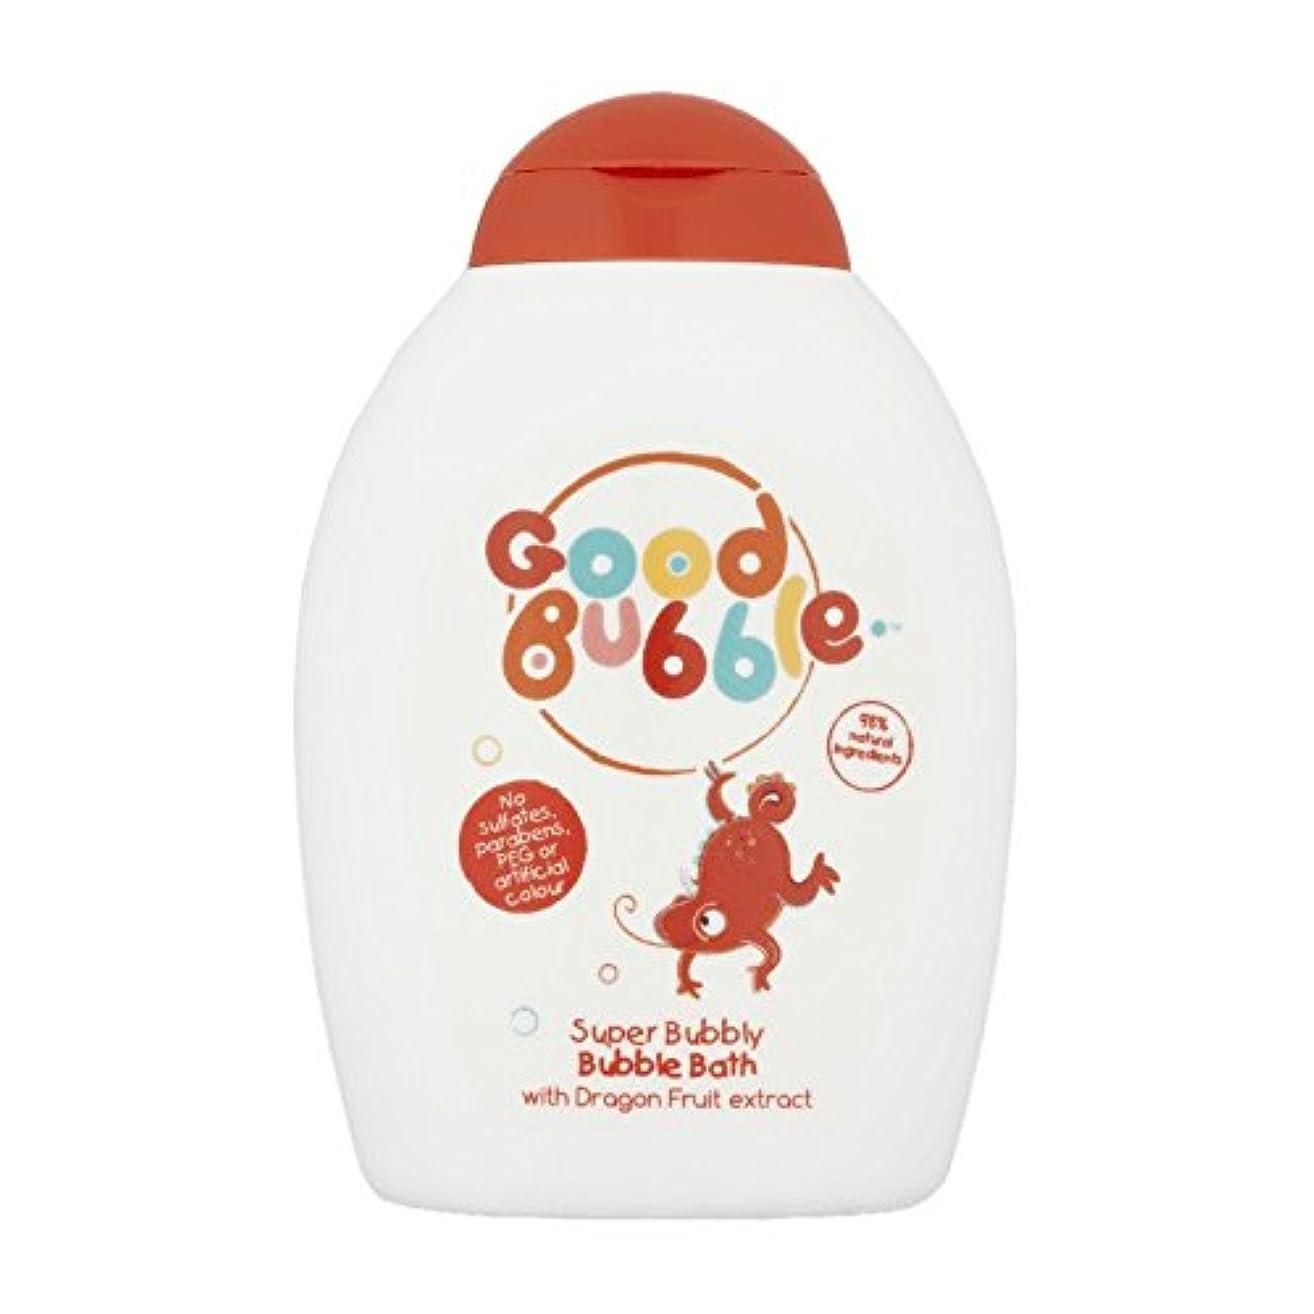 オレンジビーズ弁護士Good Bubble Dragon Fruit Bubble Bath 400ml (Pack of 2) - 良いバブルドラゴンフルーツバブルバス400ミリリットル (x2) [並行輸入品]